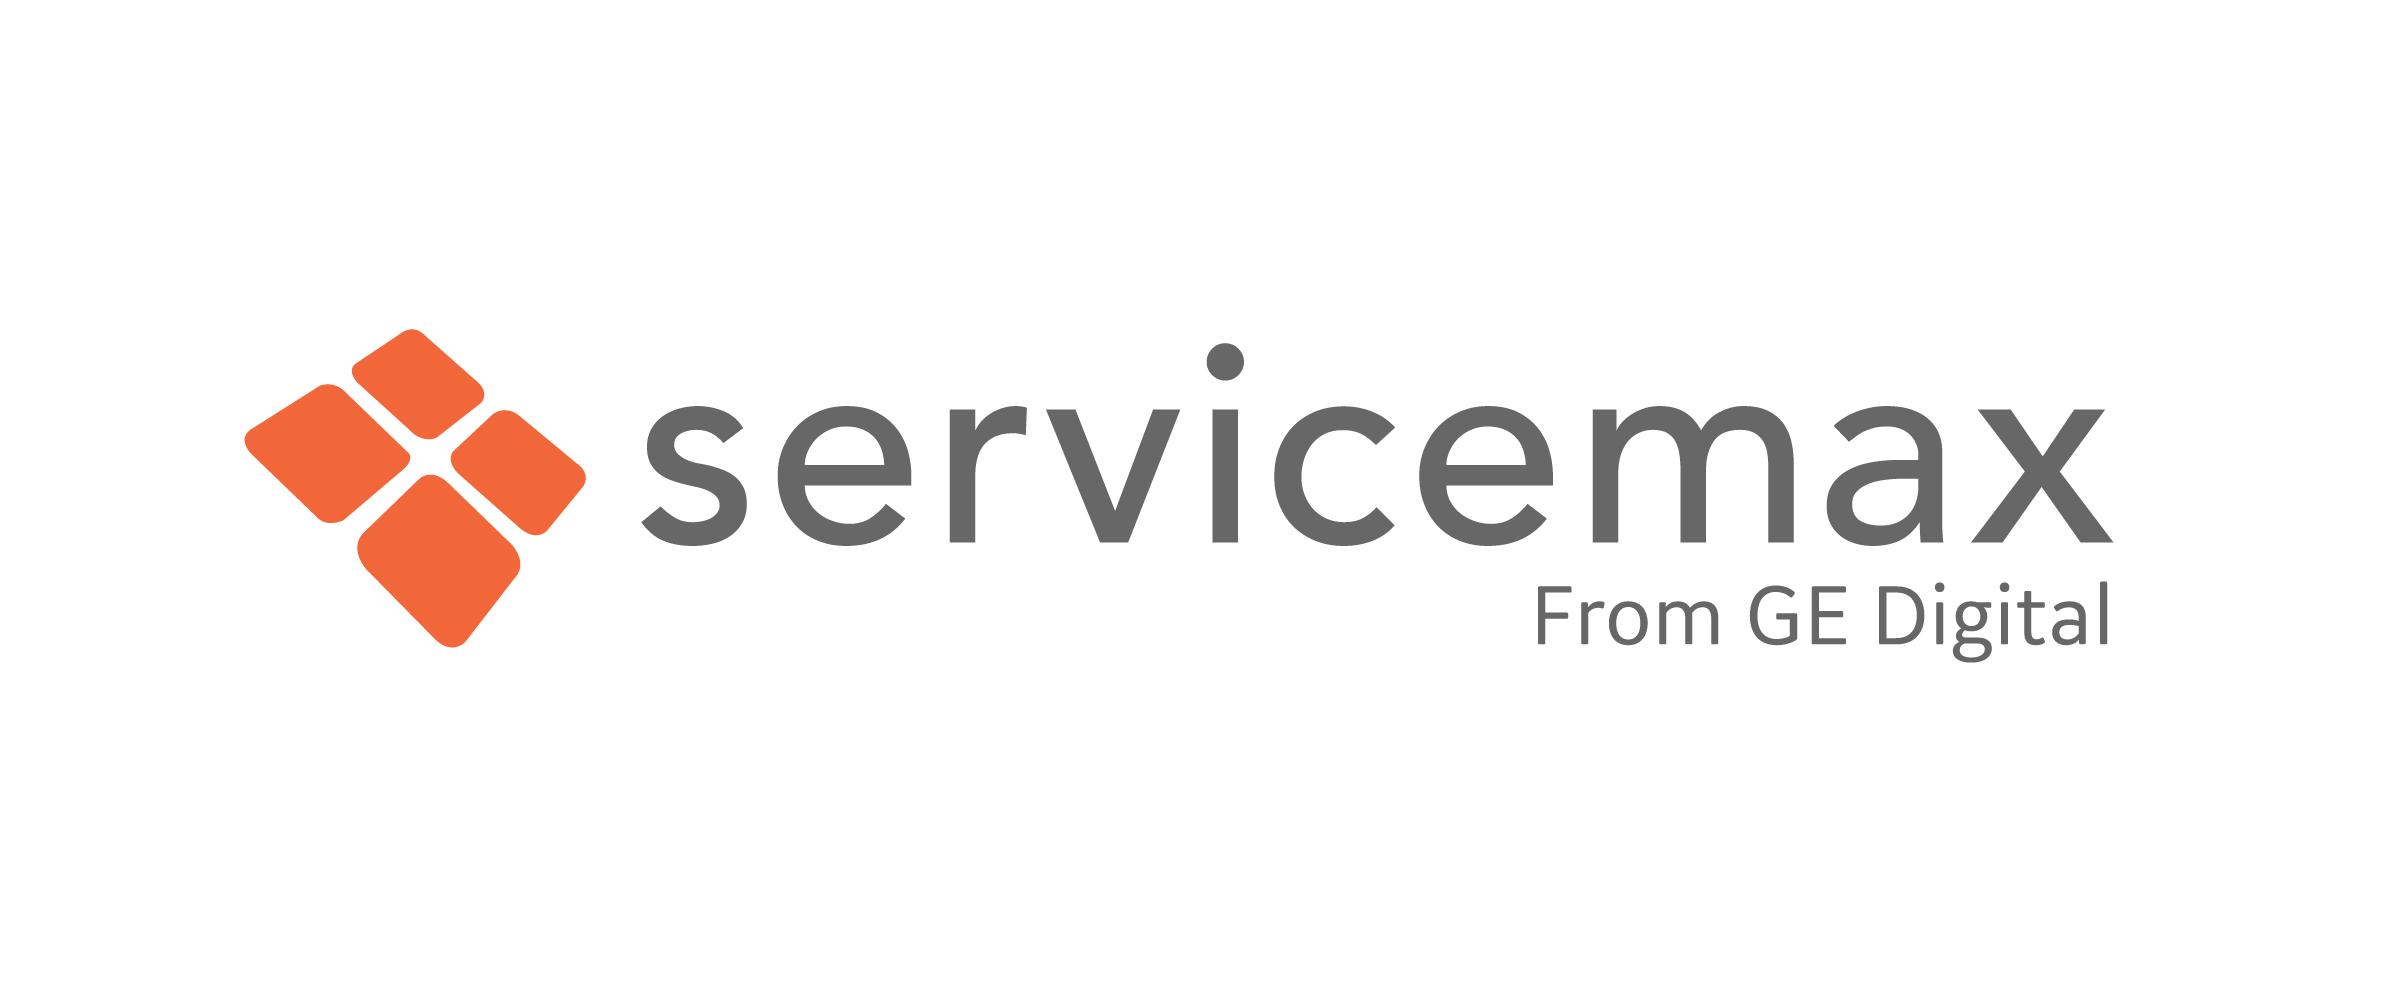 ServiceMax-From-GE-Digital-jpg (3)